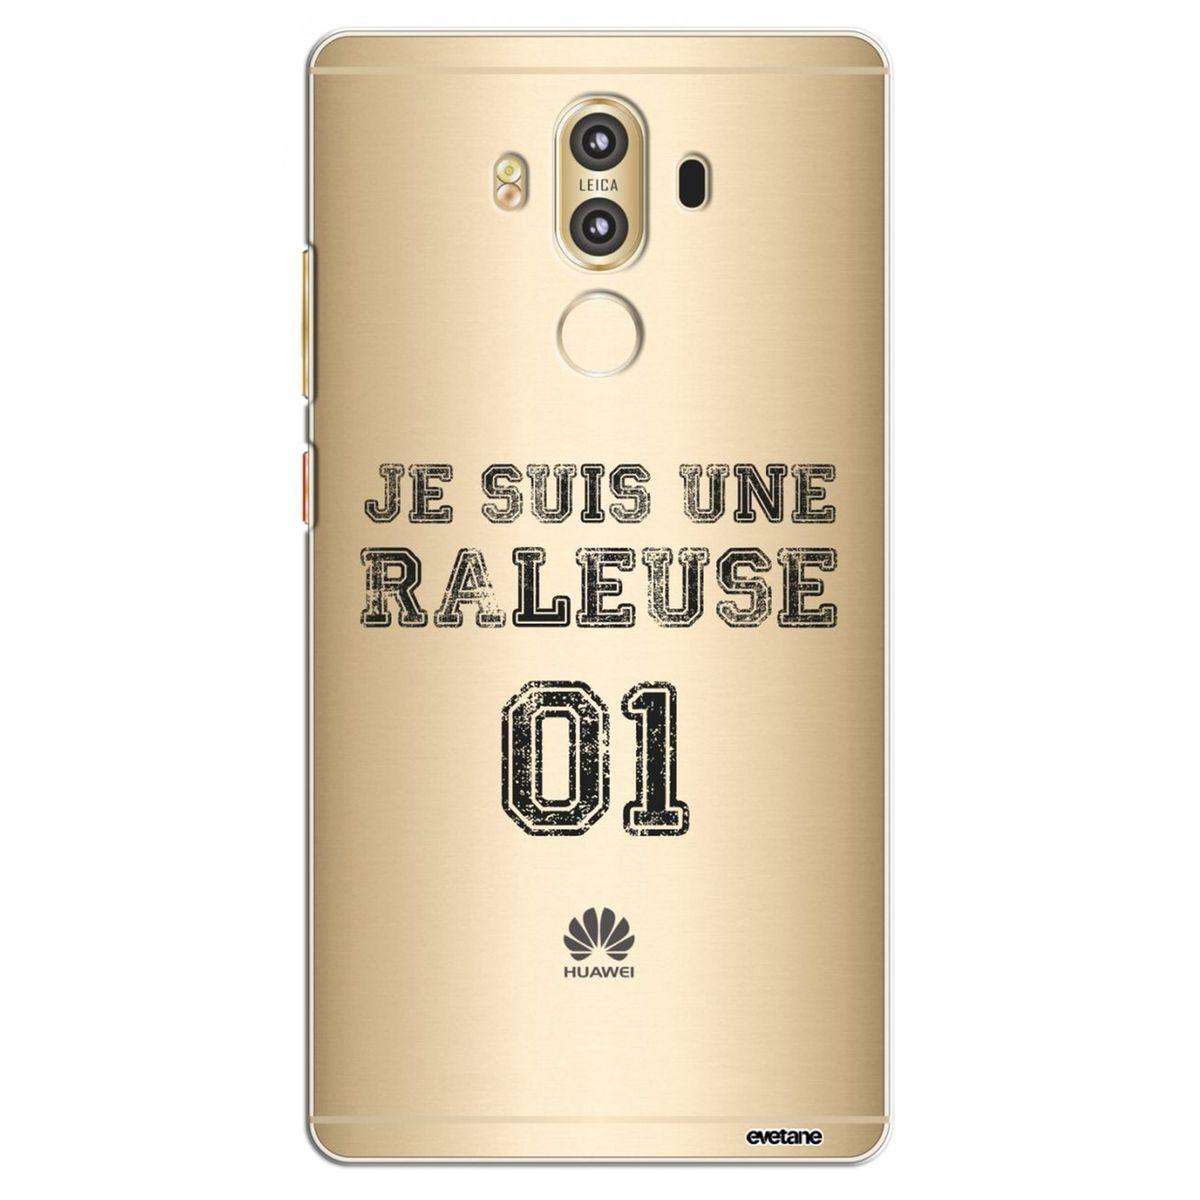 Coque Huawei Mate 9 rigide transparente, Râleuse, Evetane®